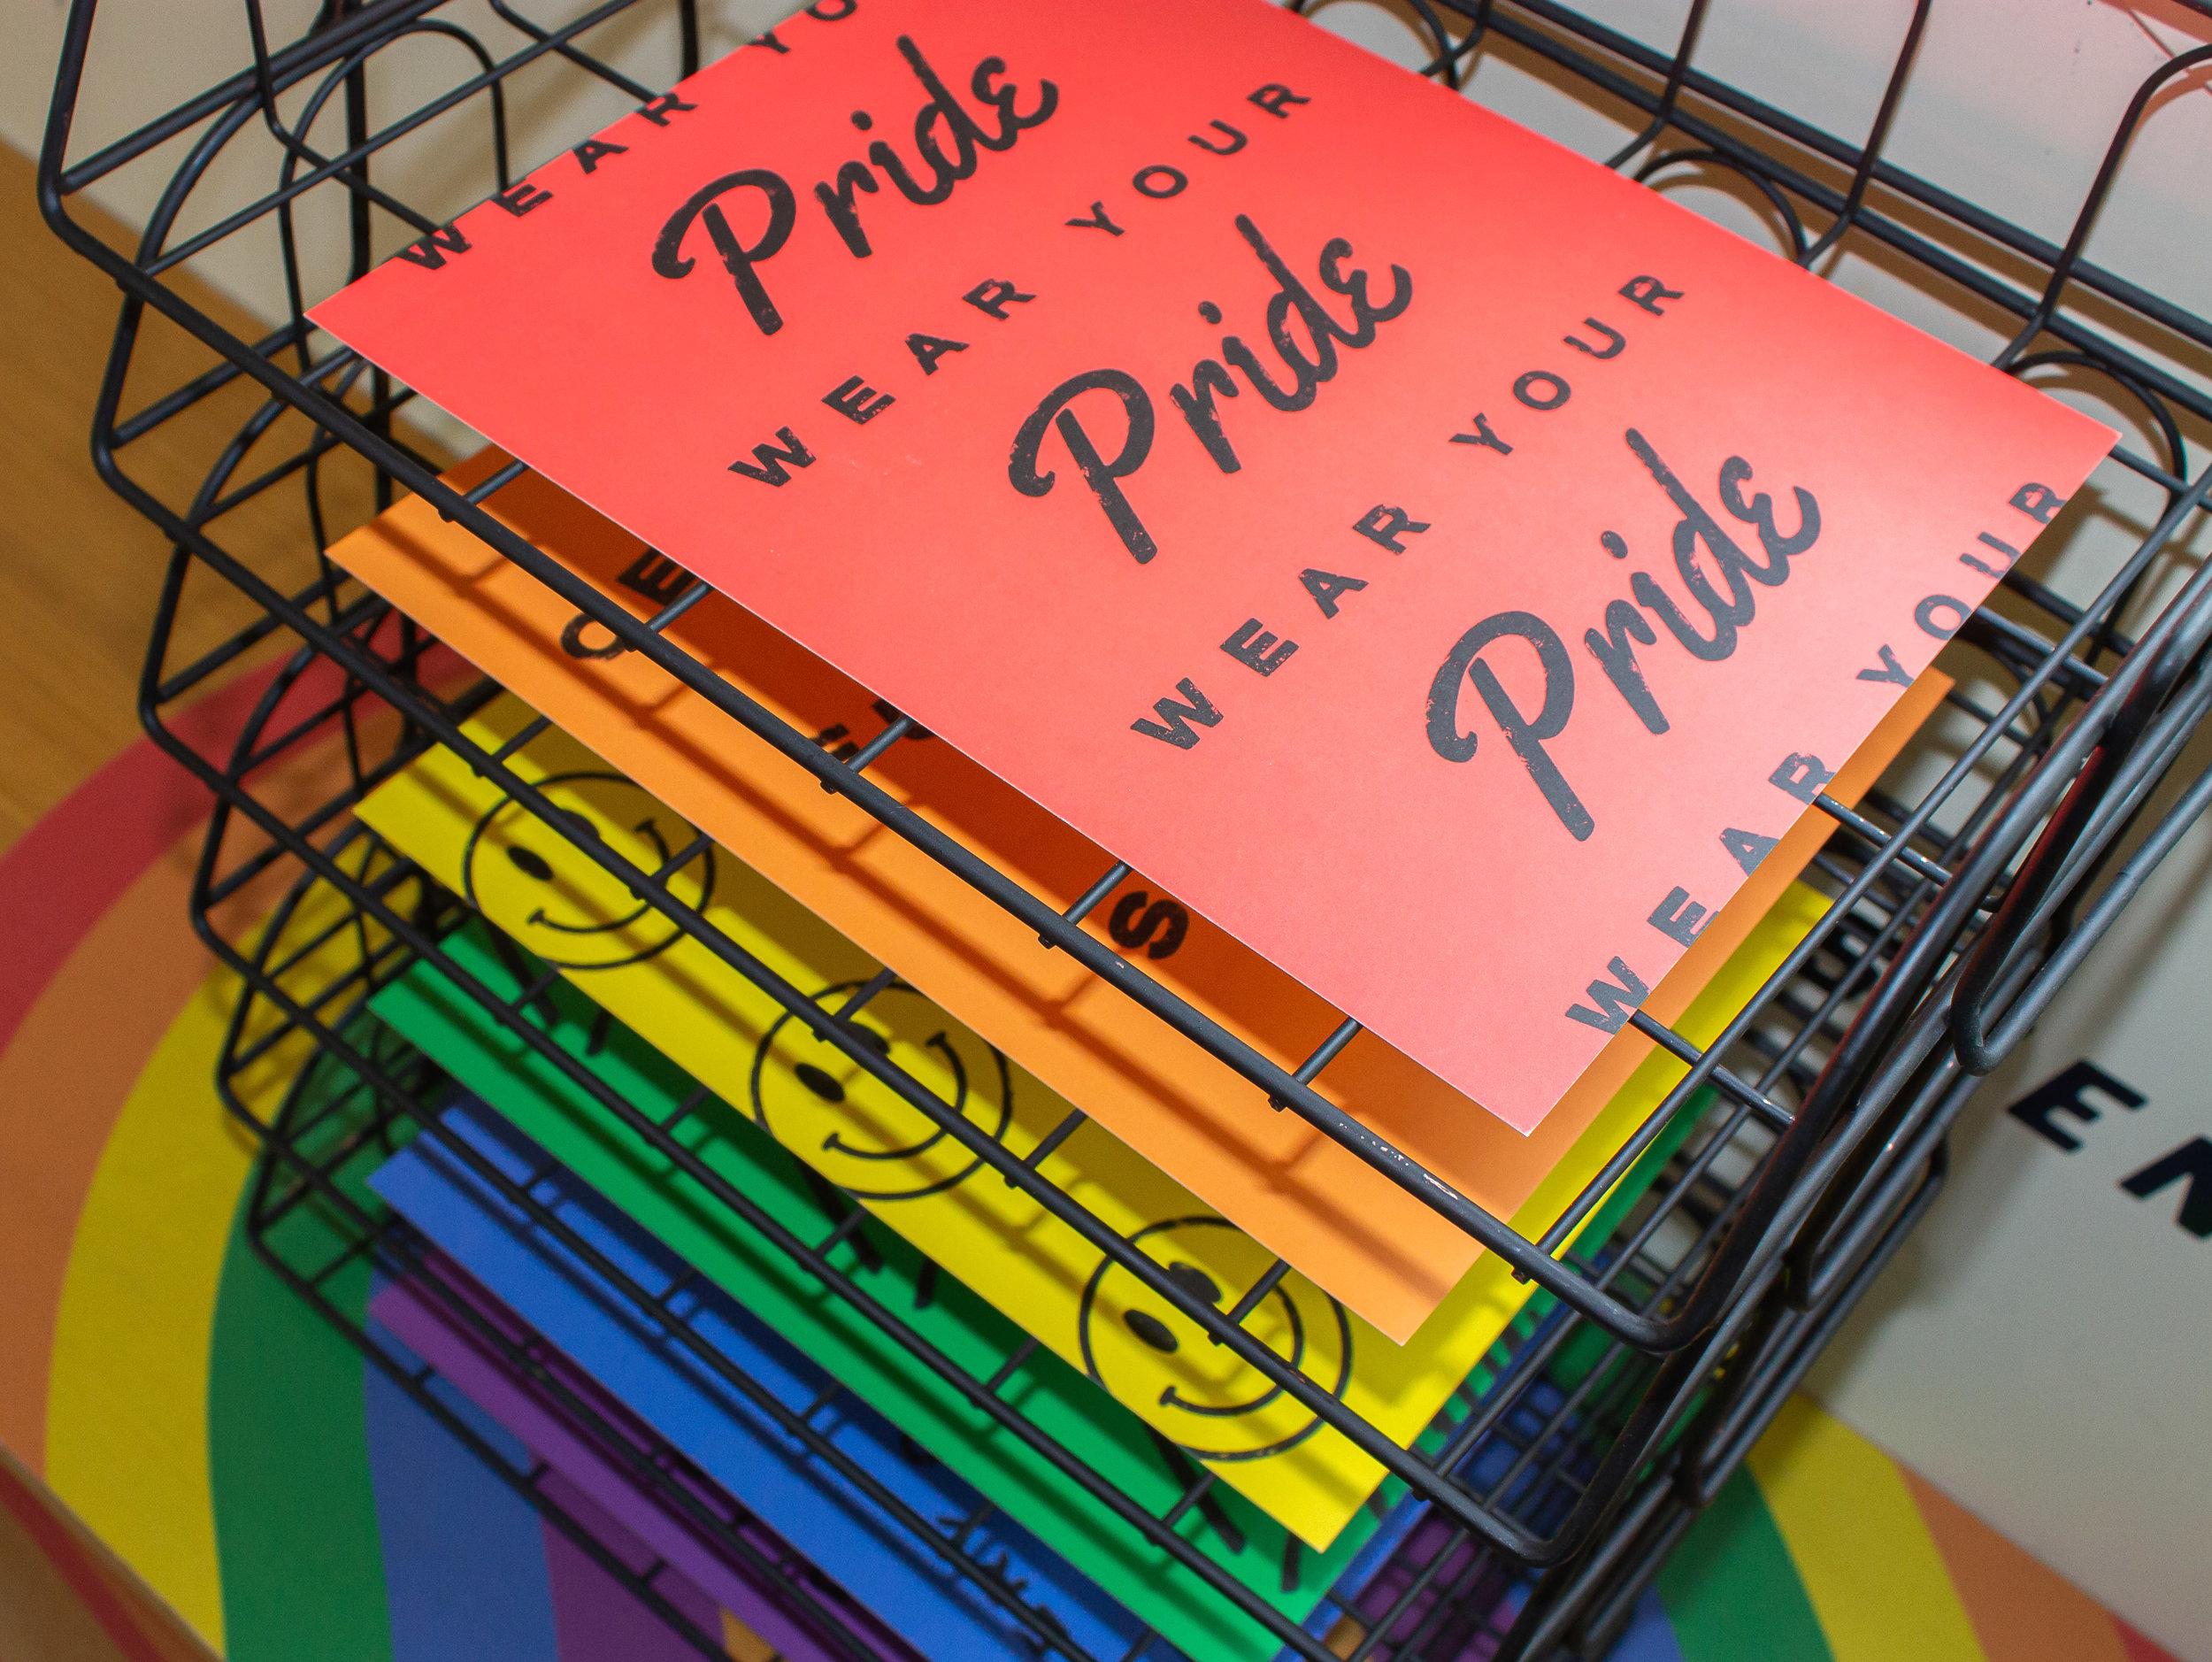 Pride_posters2.jpg